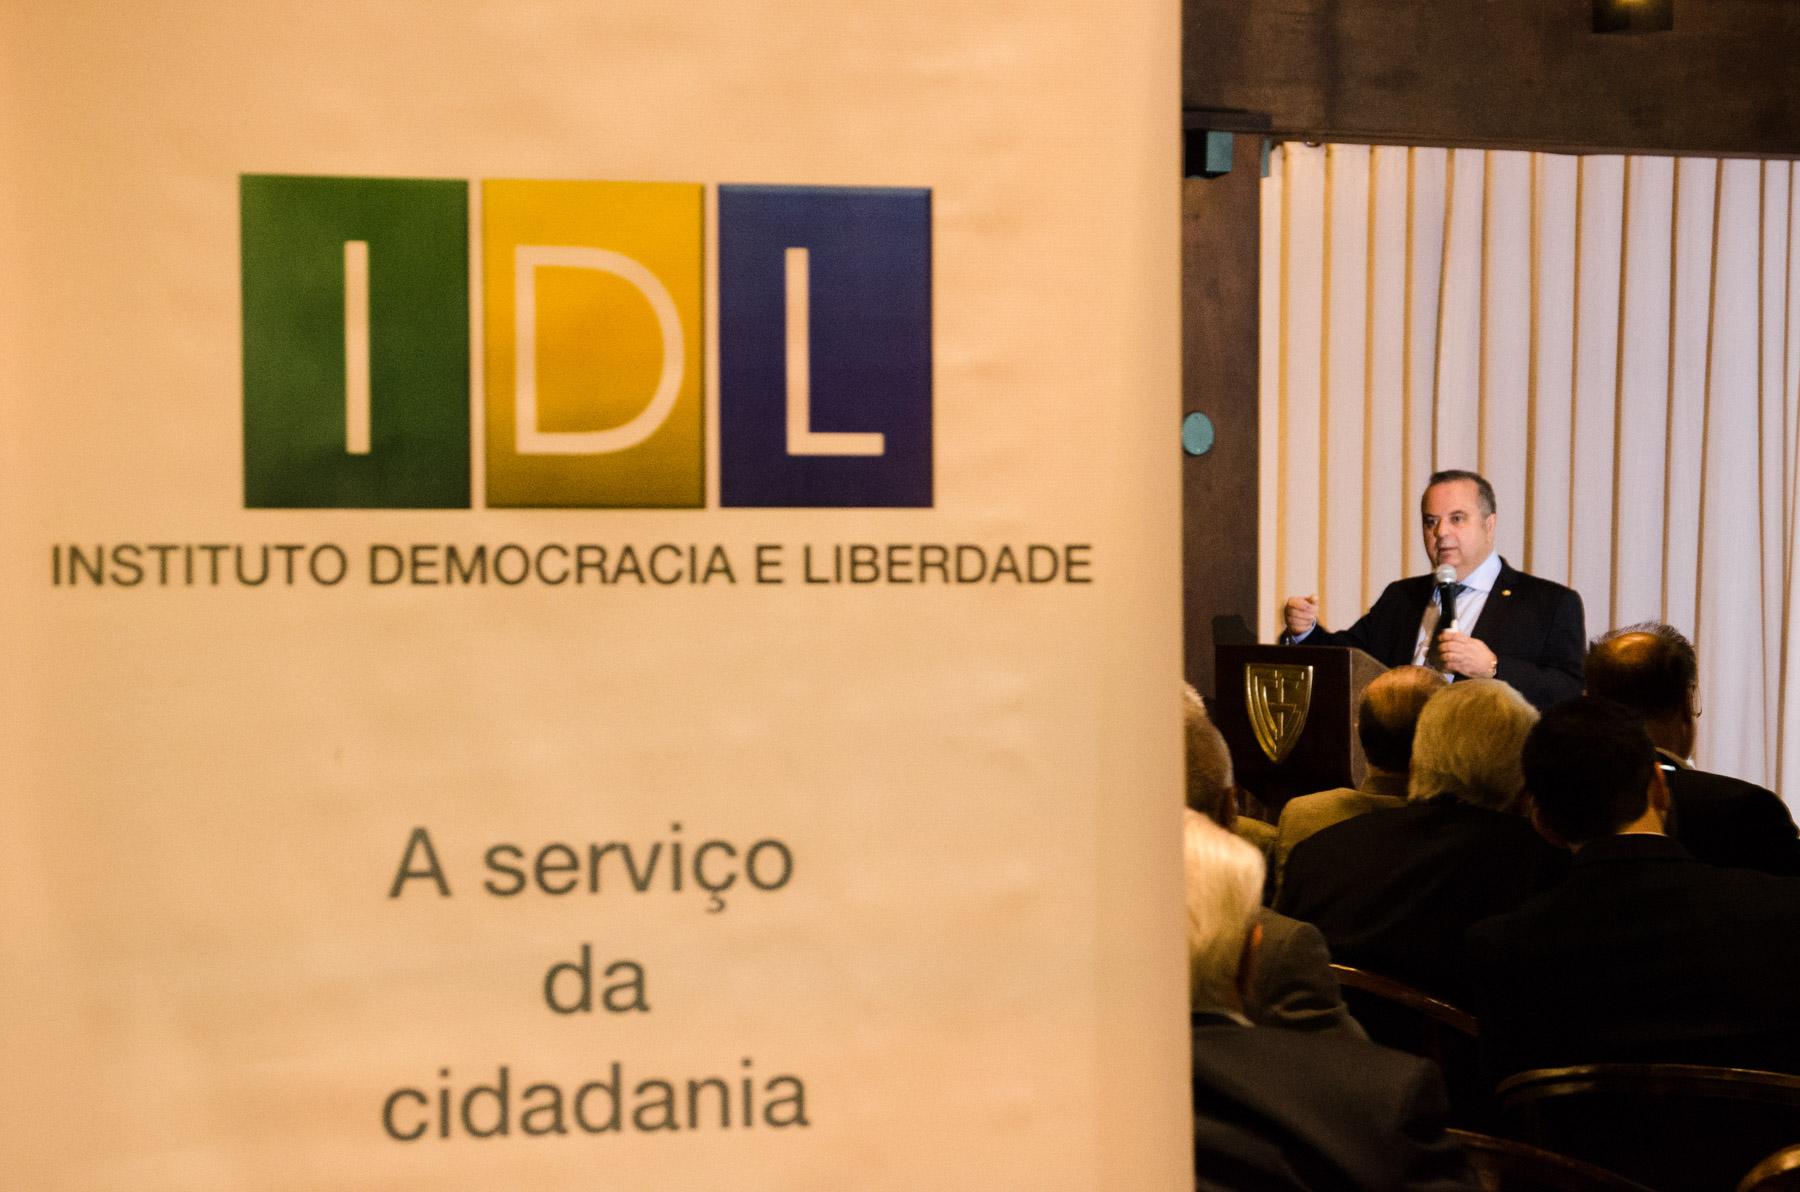 FDS-IDL-dep fed rogerio marinho_170925_014